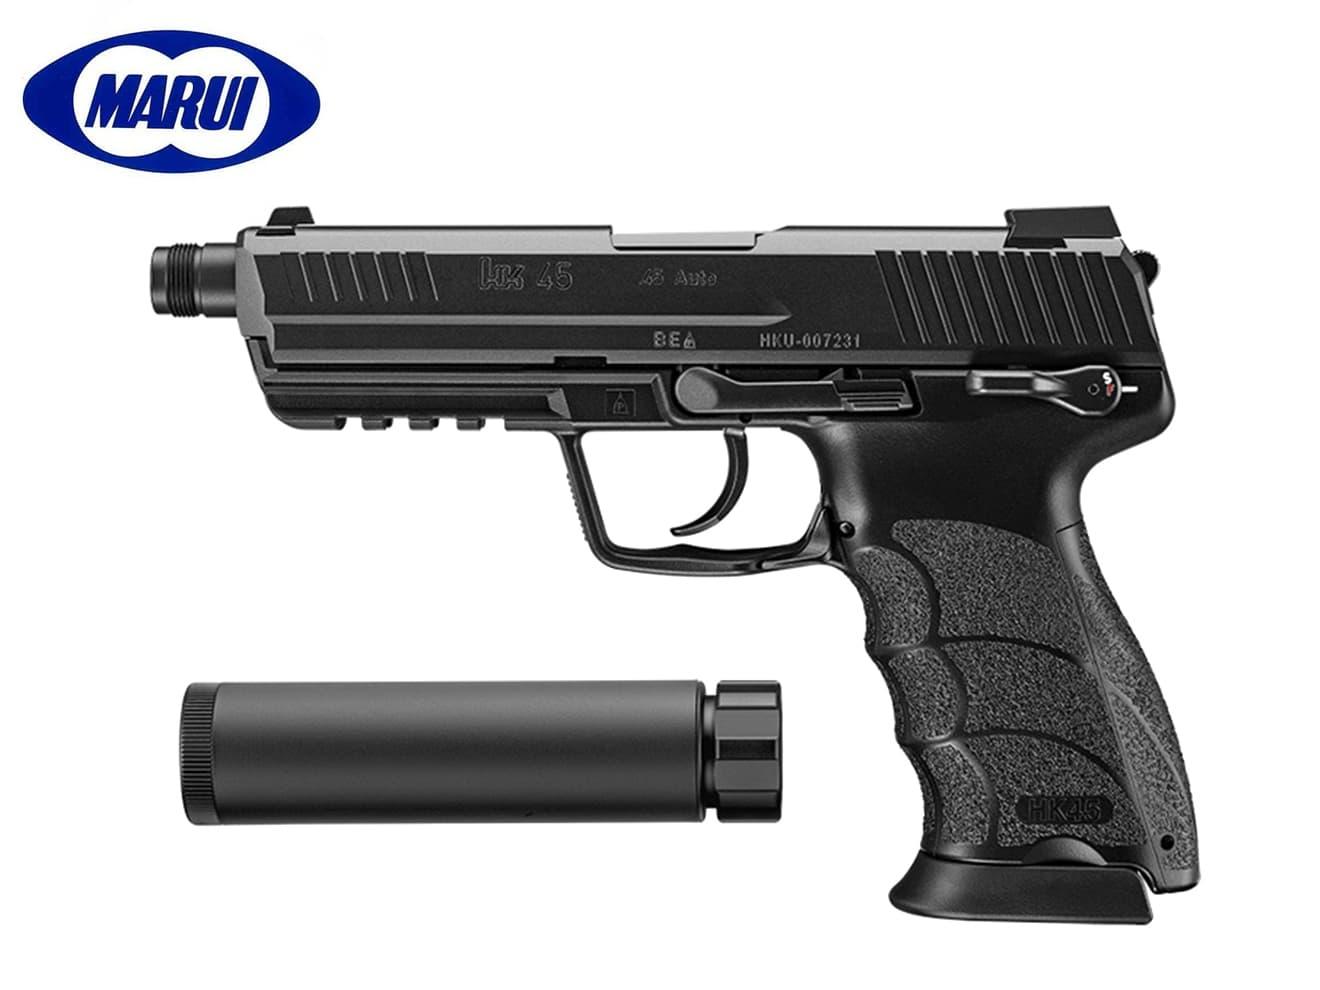 東京マルイ ガスブローバック HK45 タクティカル ブラック◆ハンドガン/大型ピストル/ガスブロ/GBB/送料無料/サイレンサー/16mm正ネジ